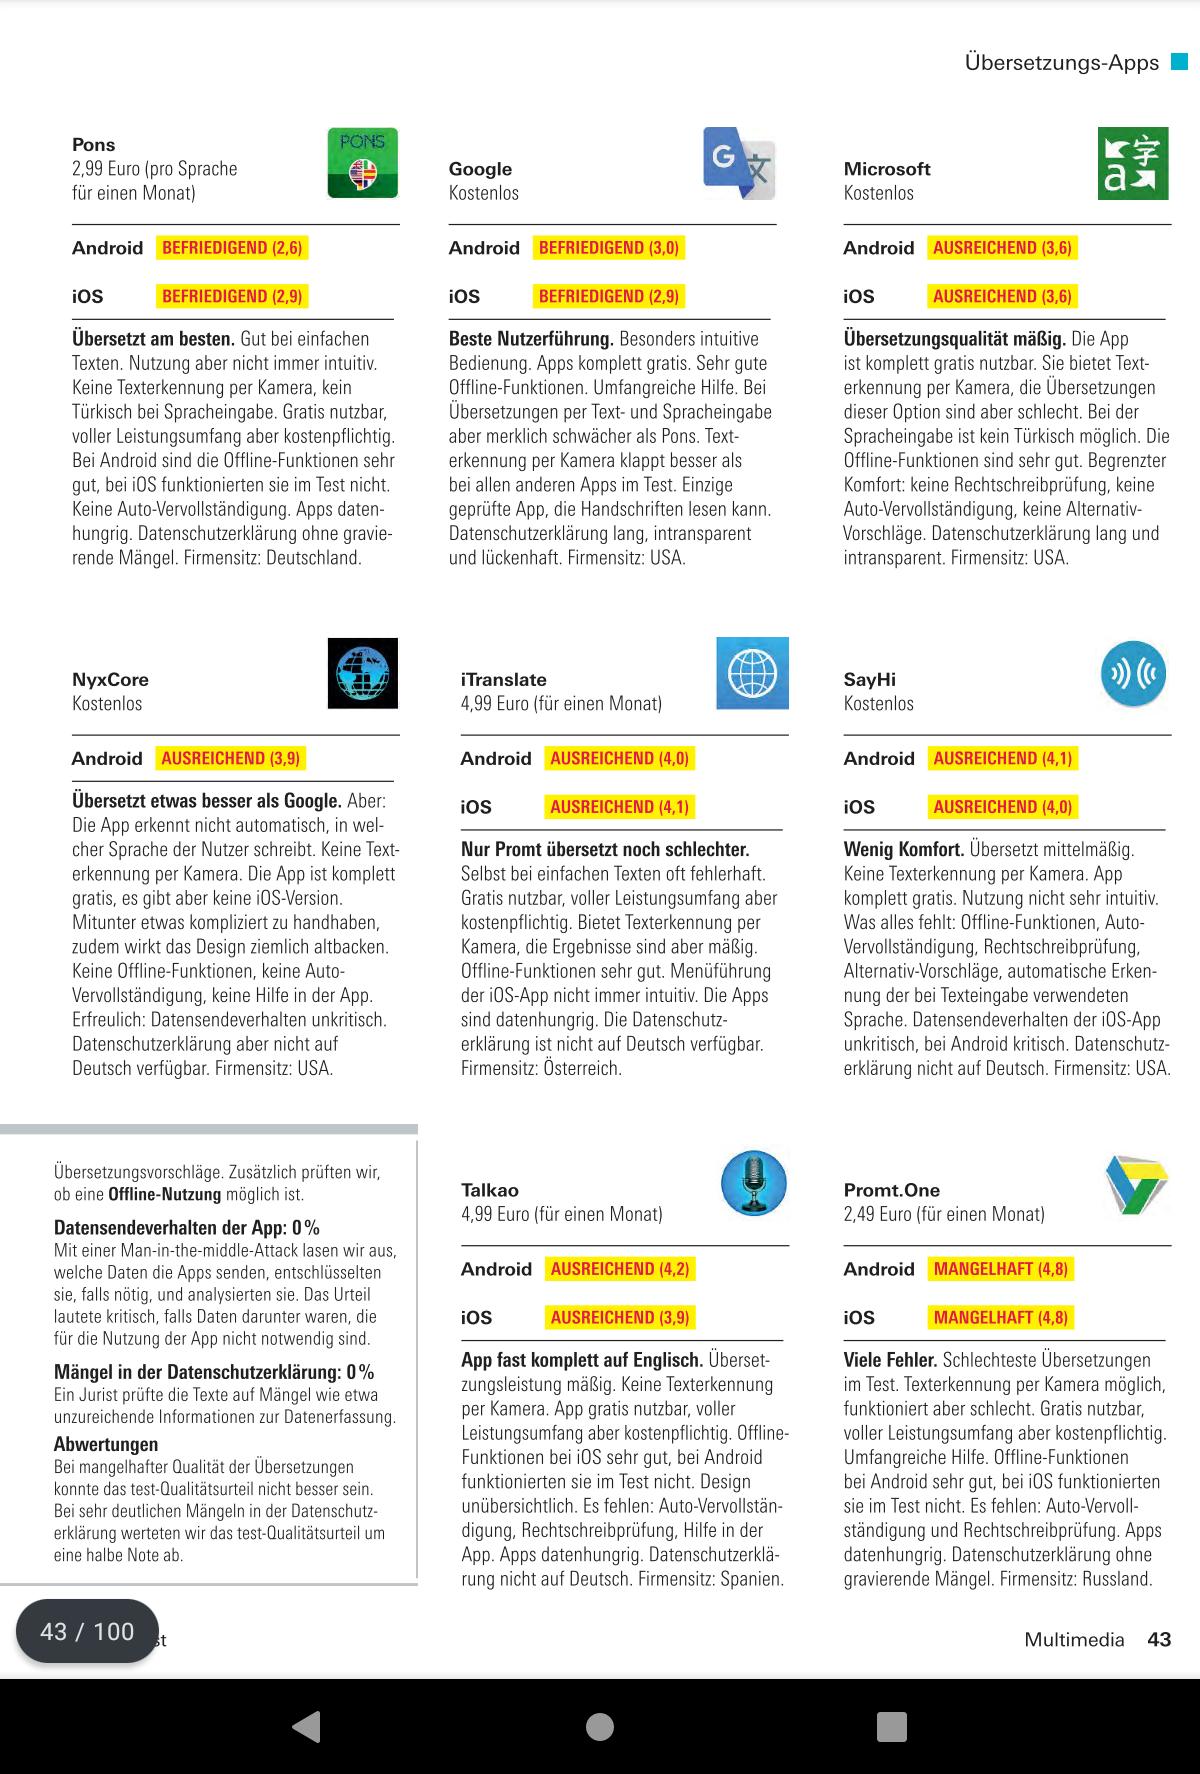 Stiftung Warentest 2020 Übersetzungs-Apps 6.png